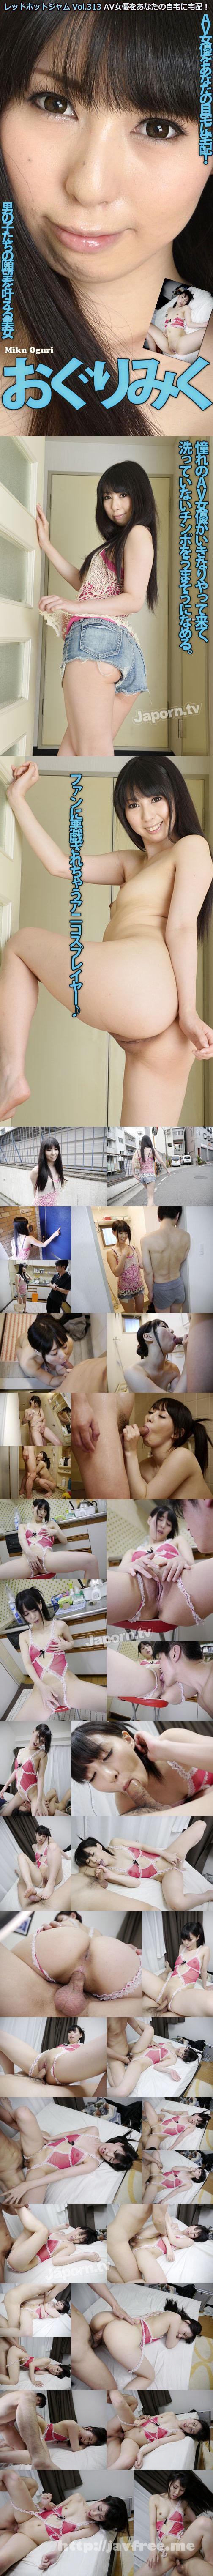 [RHJ 313] レッドホットジャム Vol.313 AV女優をあなたの自宅に宅配! : おぐりみく おぐりみく RHJ Miku Oguri